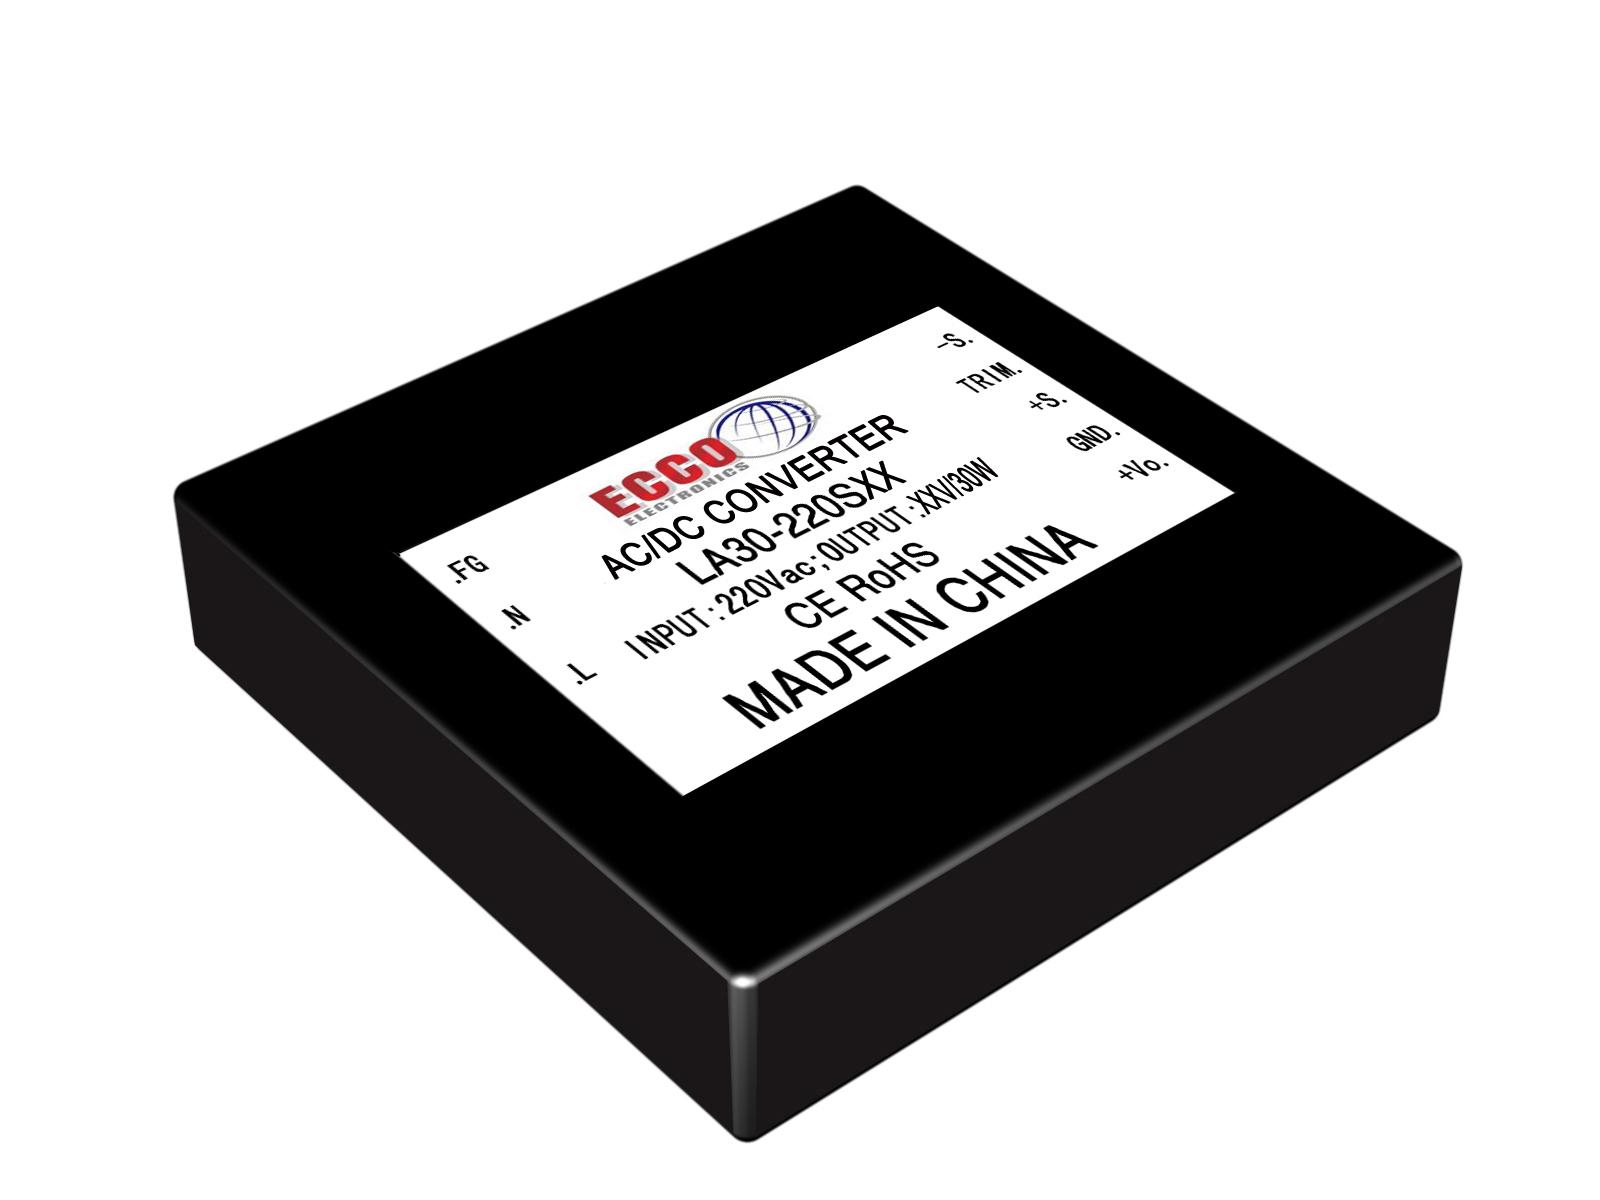 110v PCB board modals